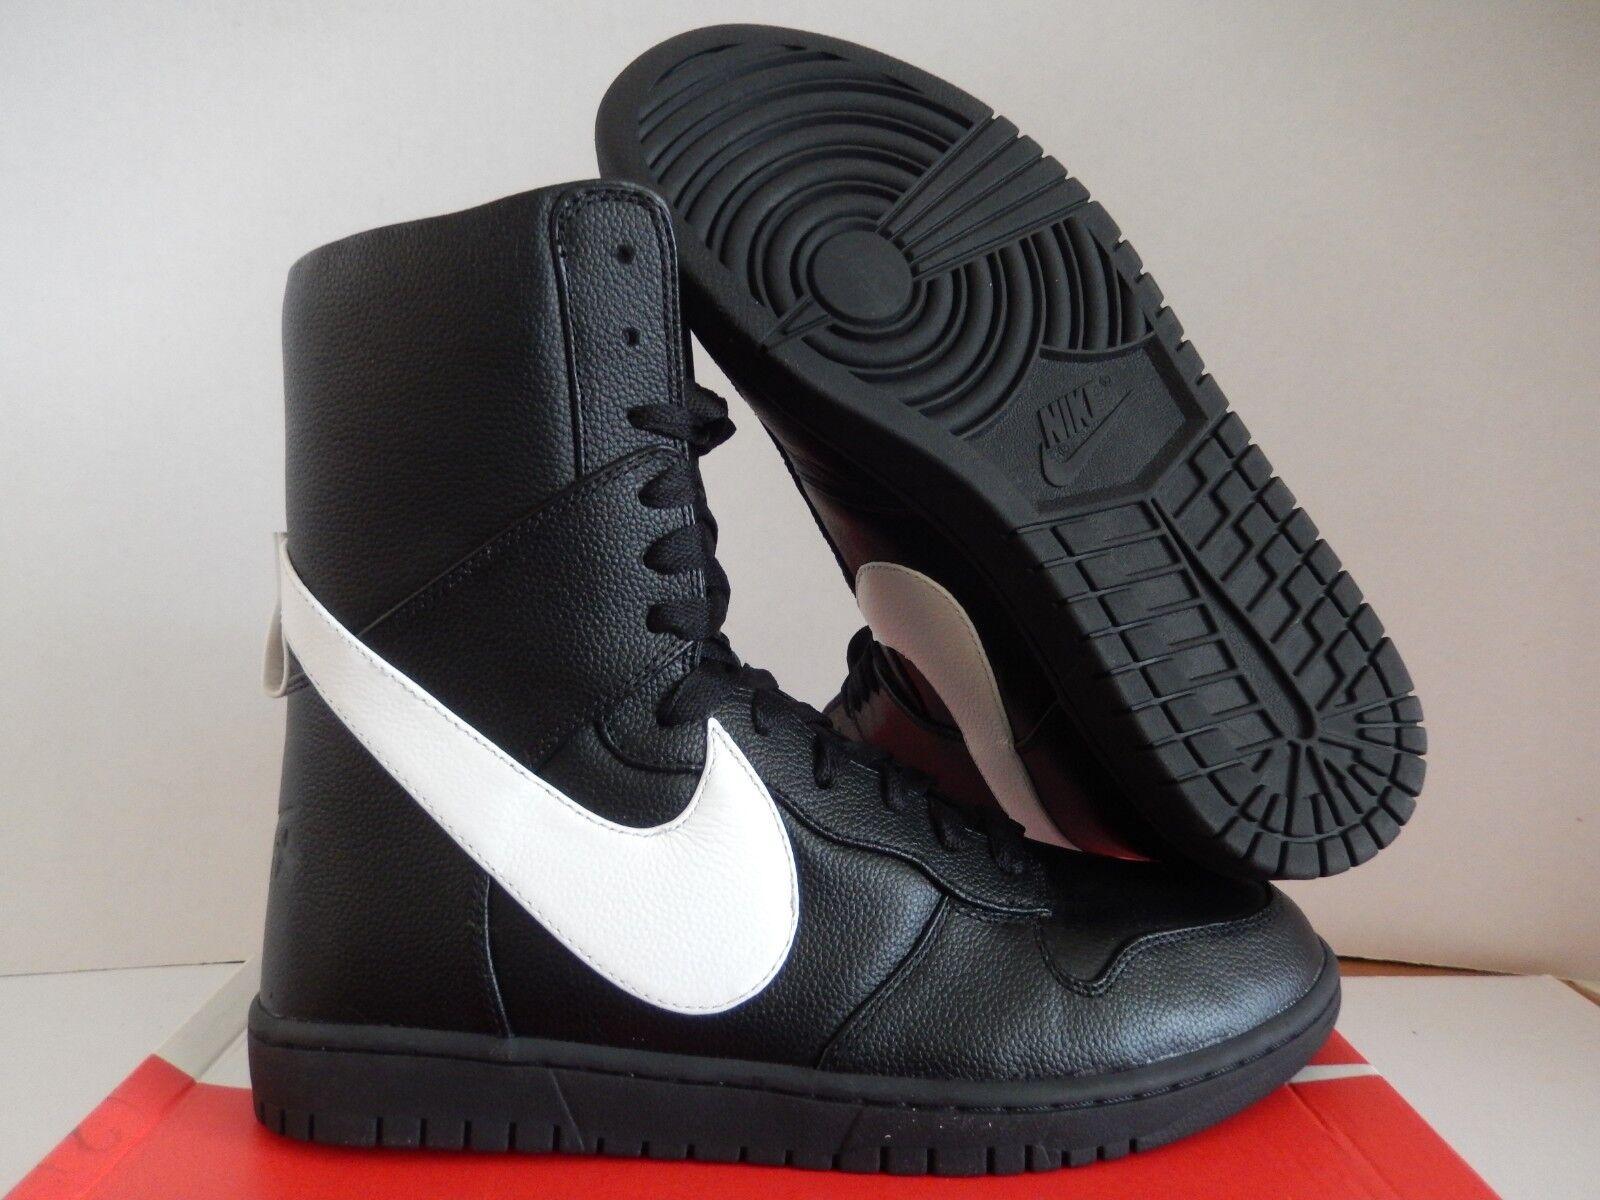 Nike e nero-white lux / rt ricardo tisci nero-white e sz 11,5 [841647-010] 1e6039